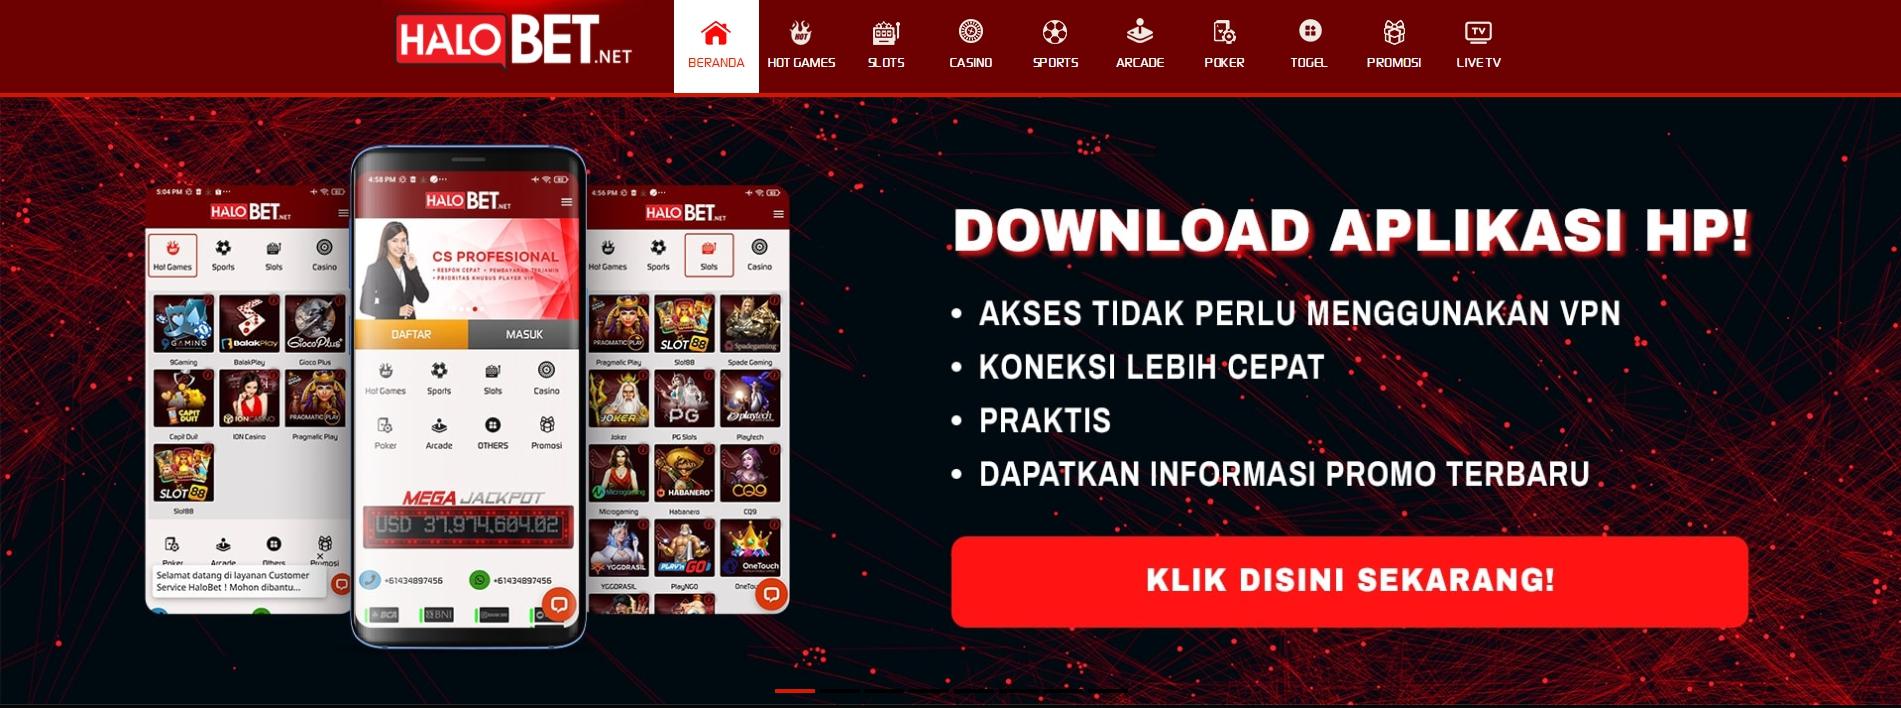 Tawaran Terbaik Agen Slot Online Dengan Menawarkan Promo TInggi